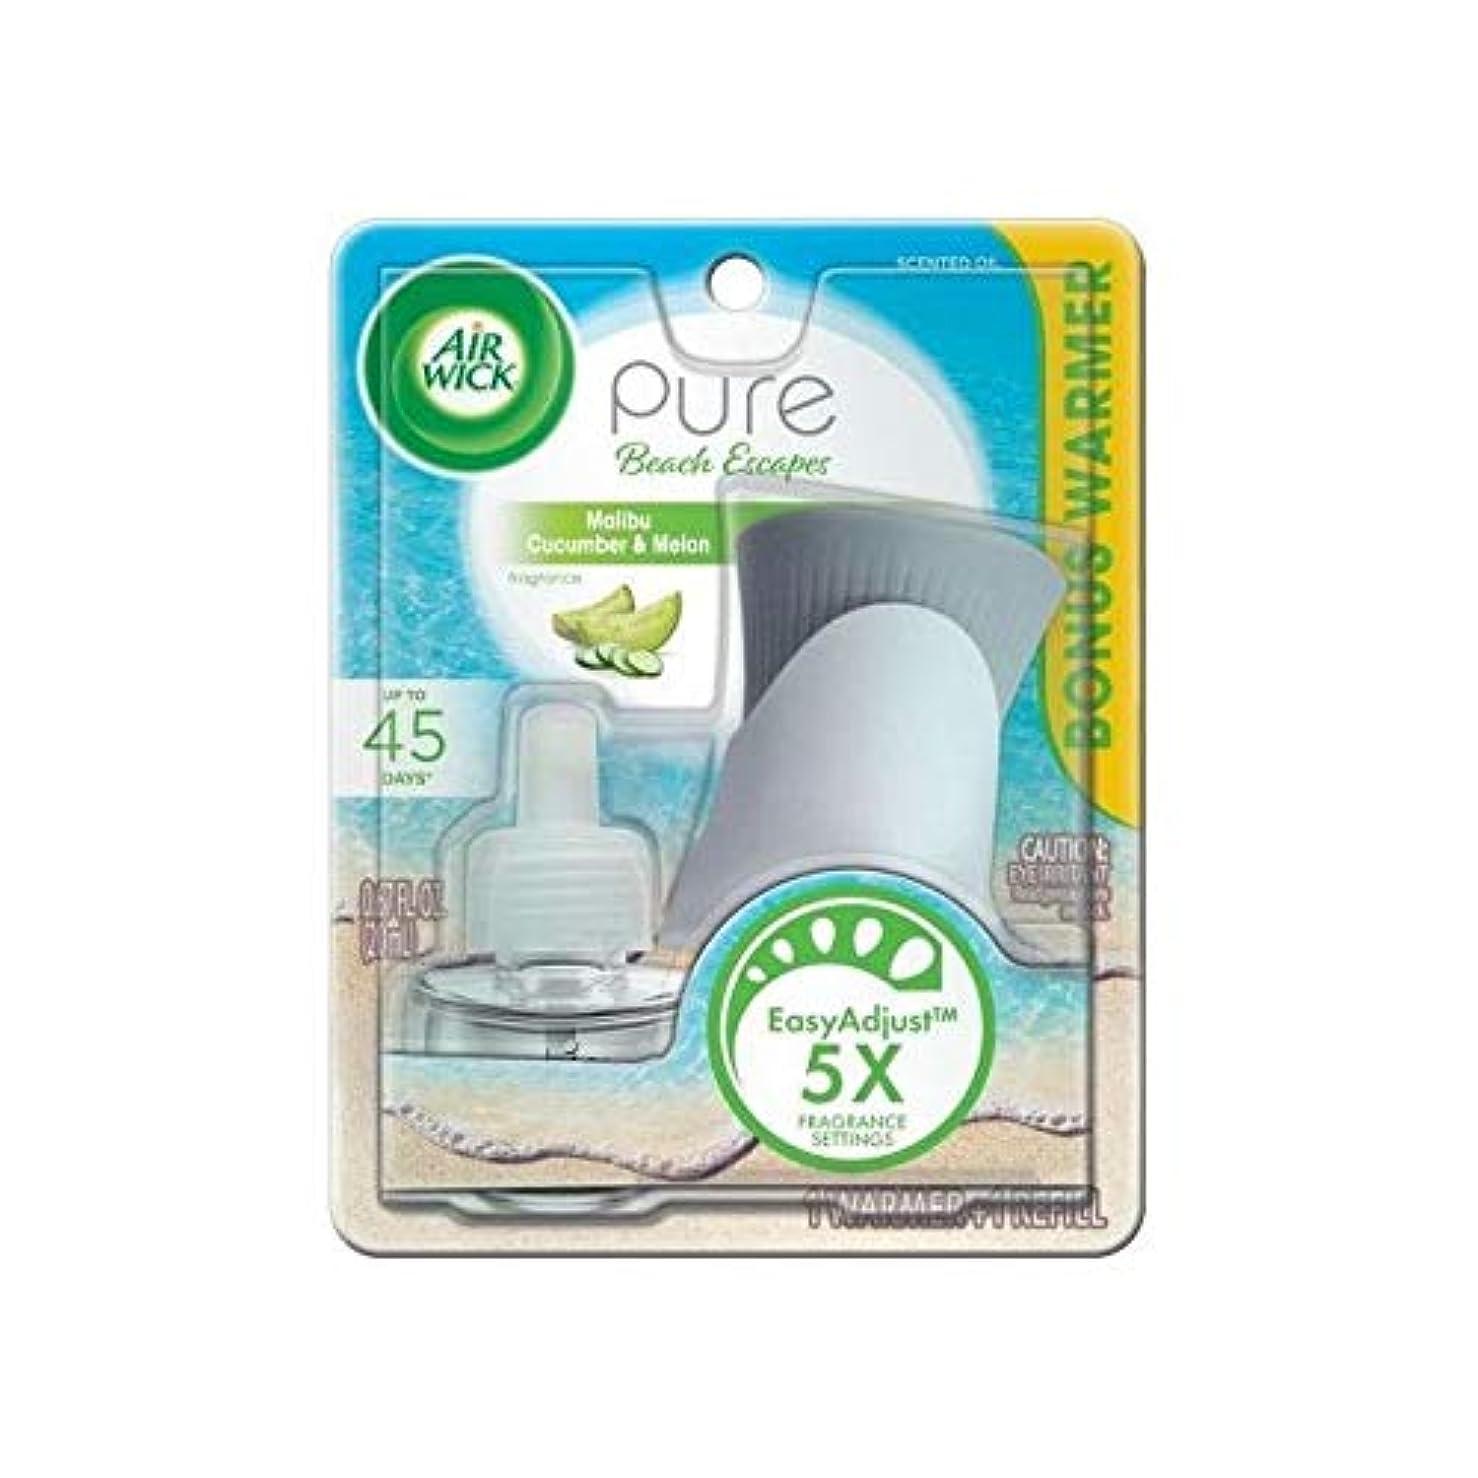 地理懸念移動する【Air Wick/エアーウィック】 プラグインスターターセット オイルウォーマー本体+詰替えリフィル1個 マリブ キューカンバー&メロン Air Wick Pure Beach Escapes Malibu Cucumber & Melon Scented Oil Starter Kit [並行輸入品]